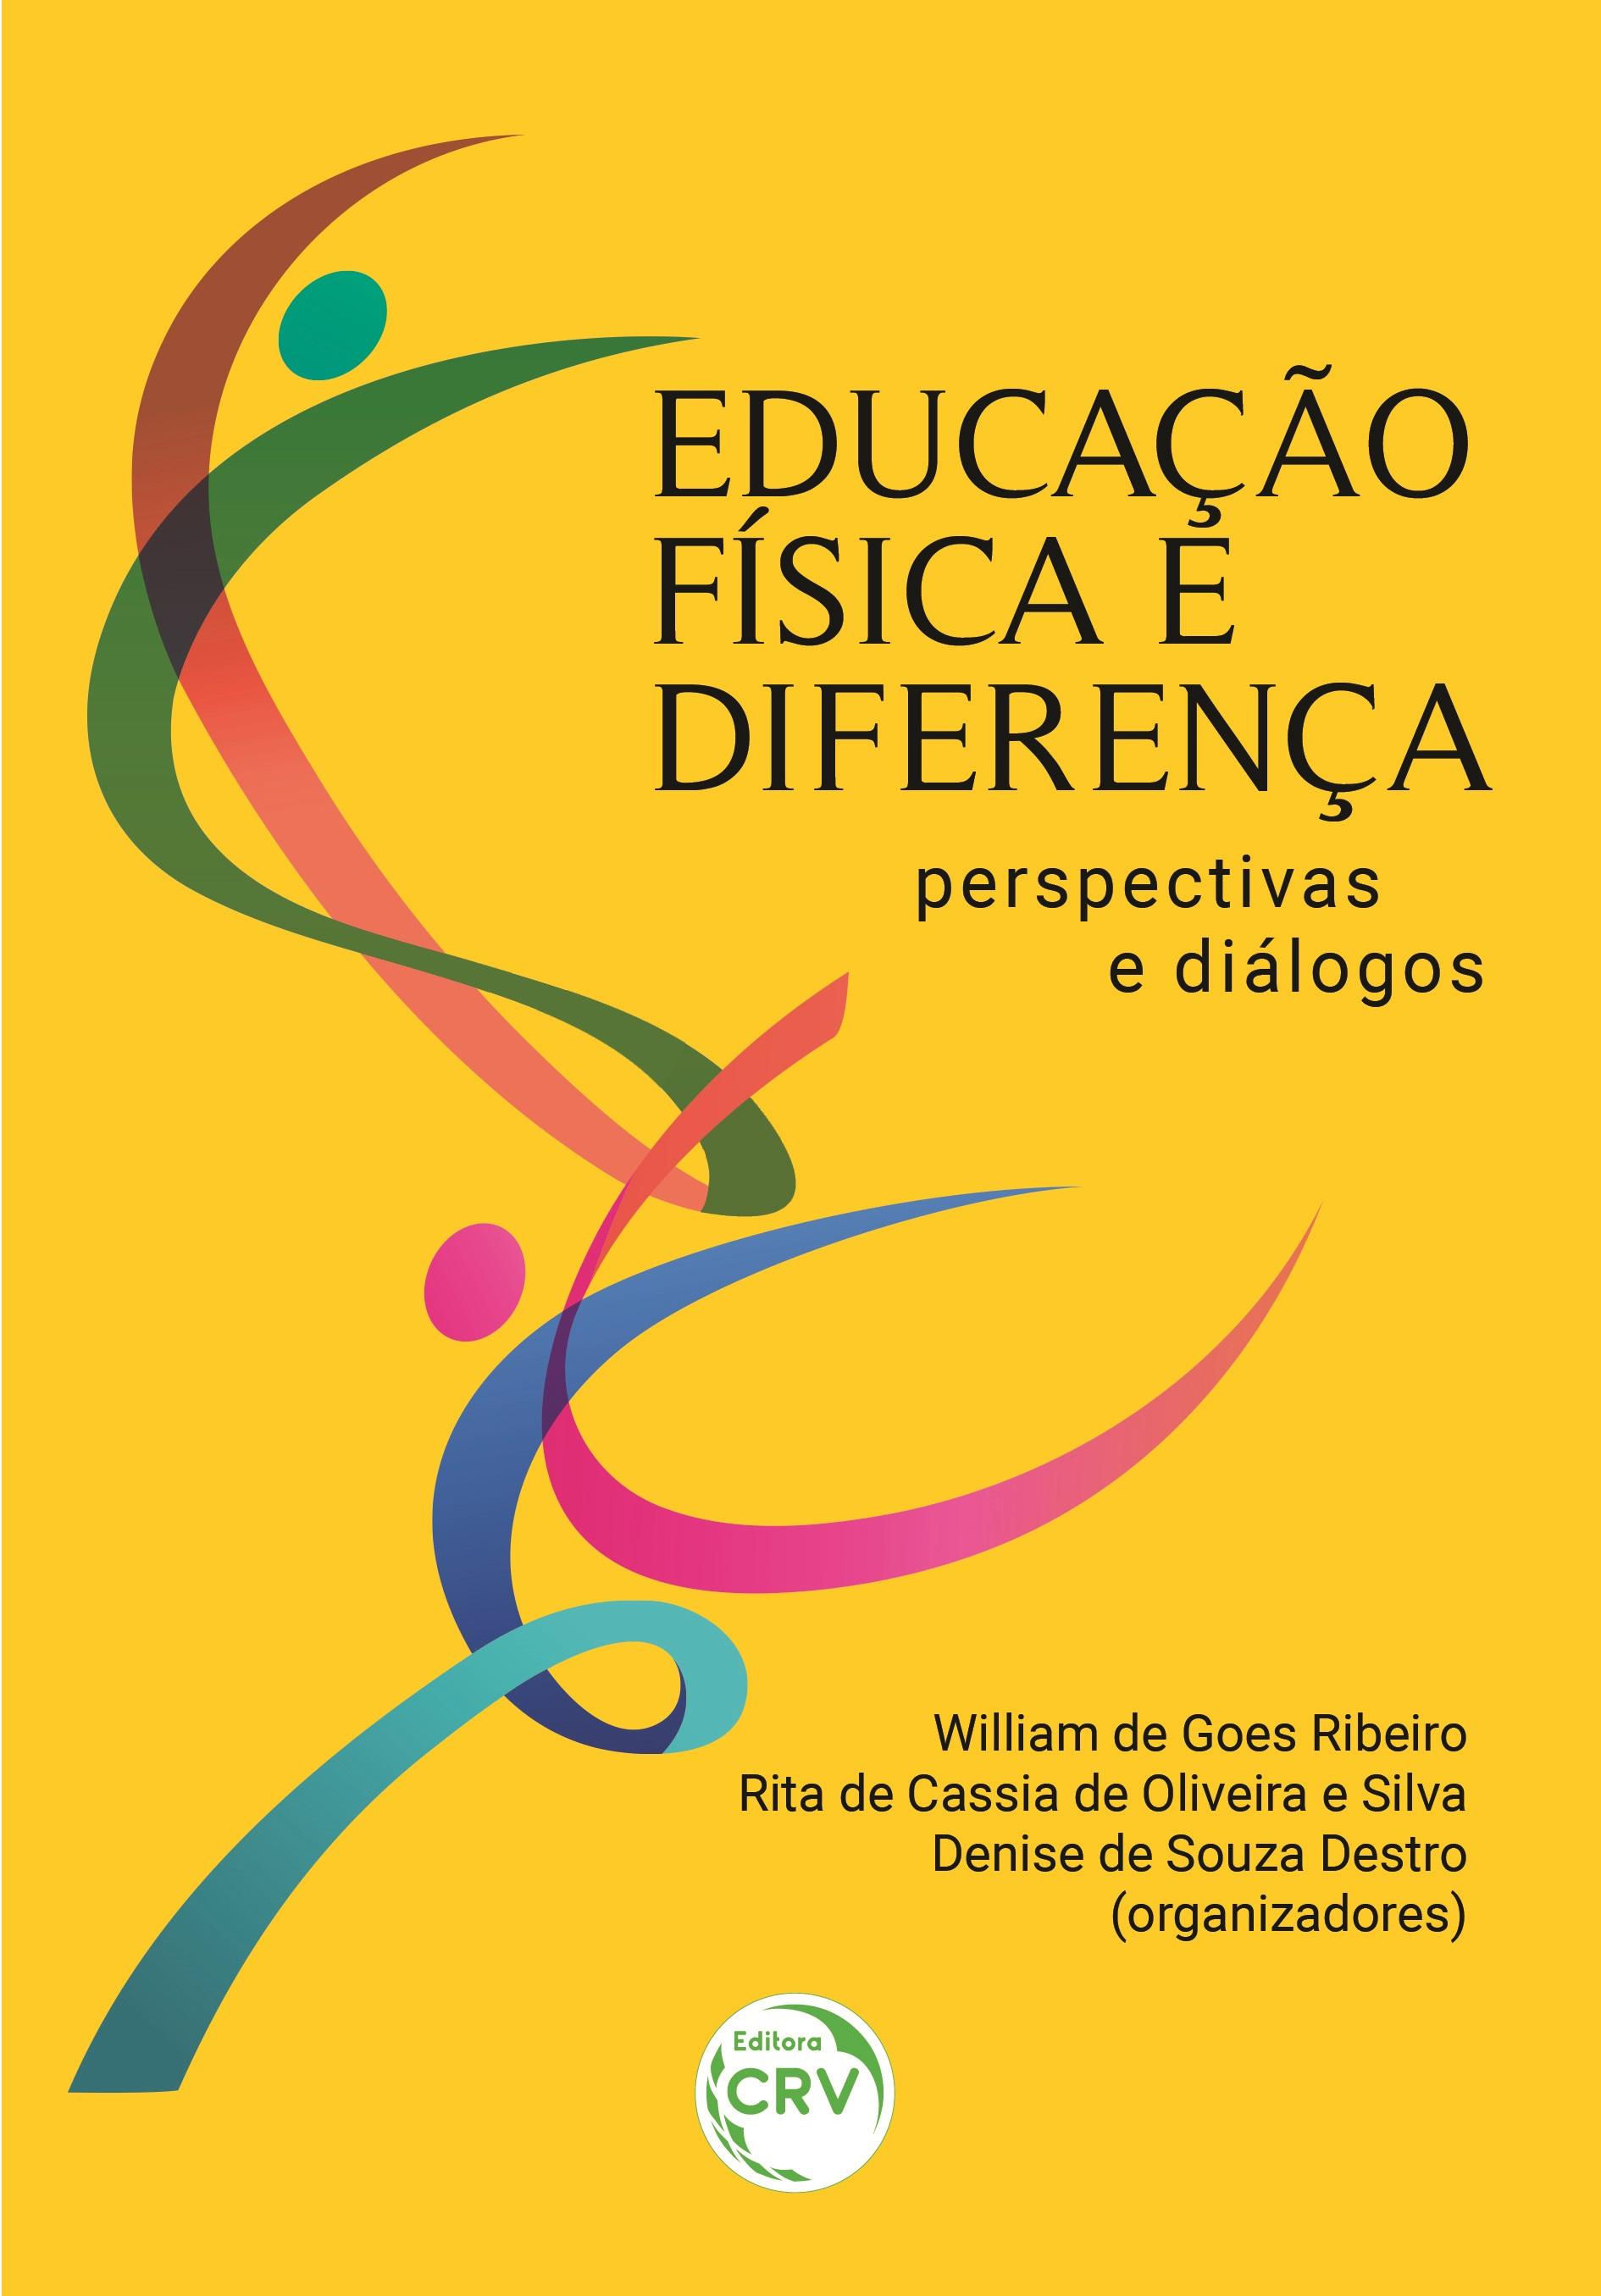 Capa do livro: EDUCAÇÃO FÍSICA E DIFERENÇA: <br>perspectivas e diálogos